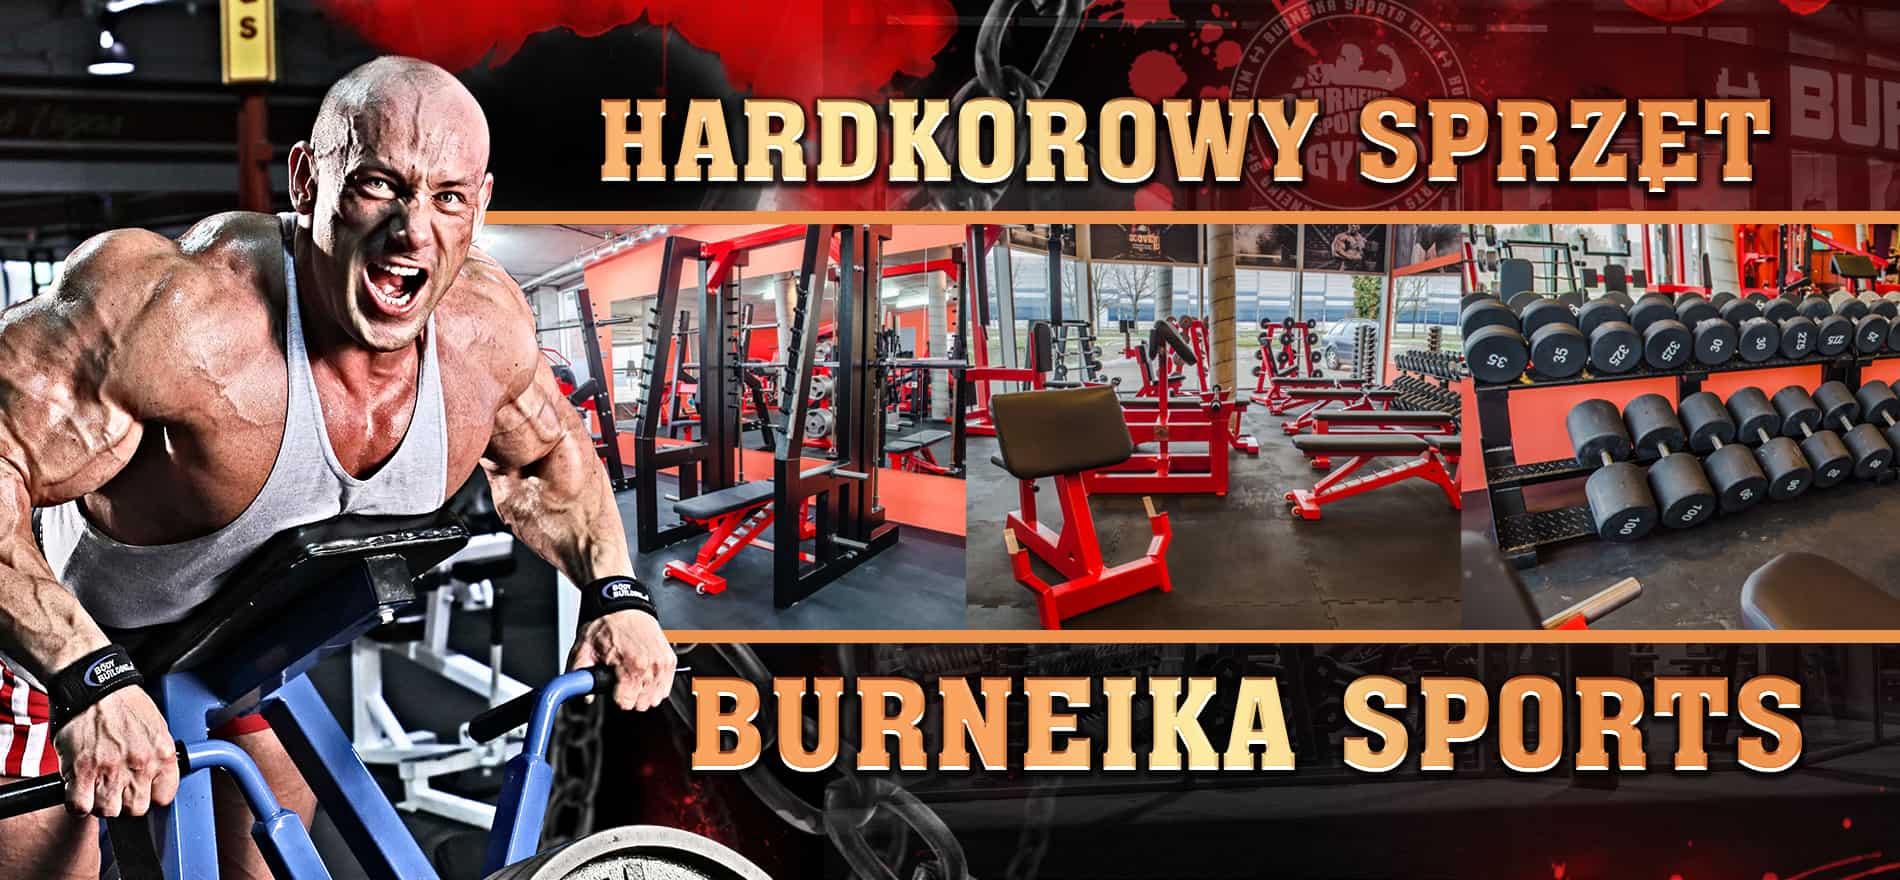 Sprzęt Burneika Sports